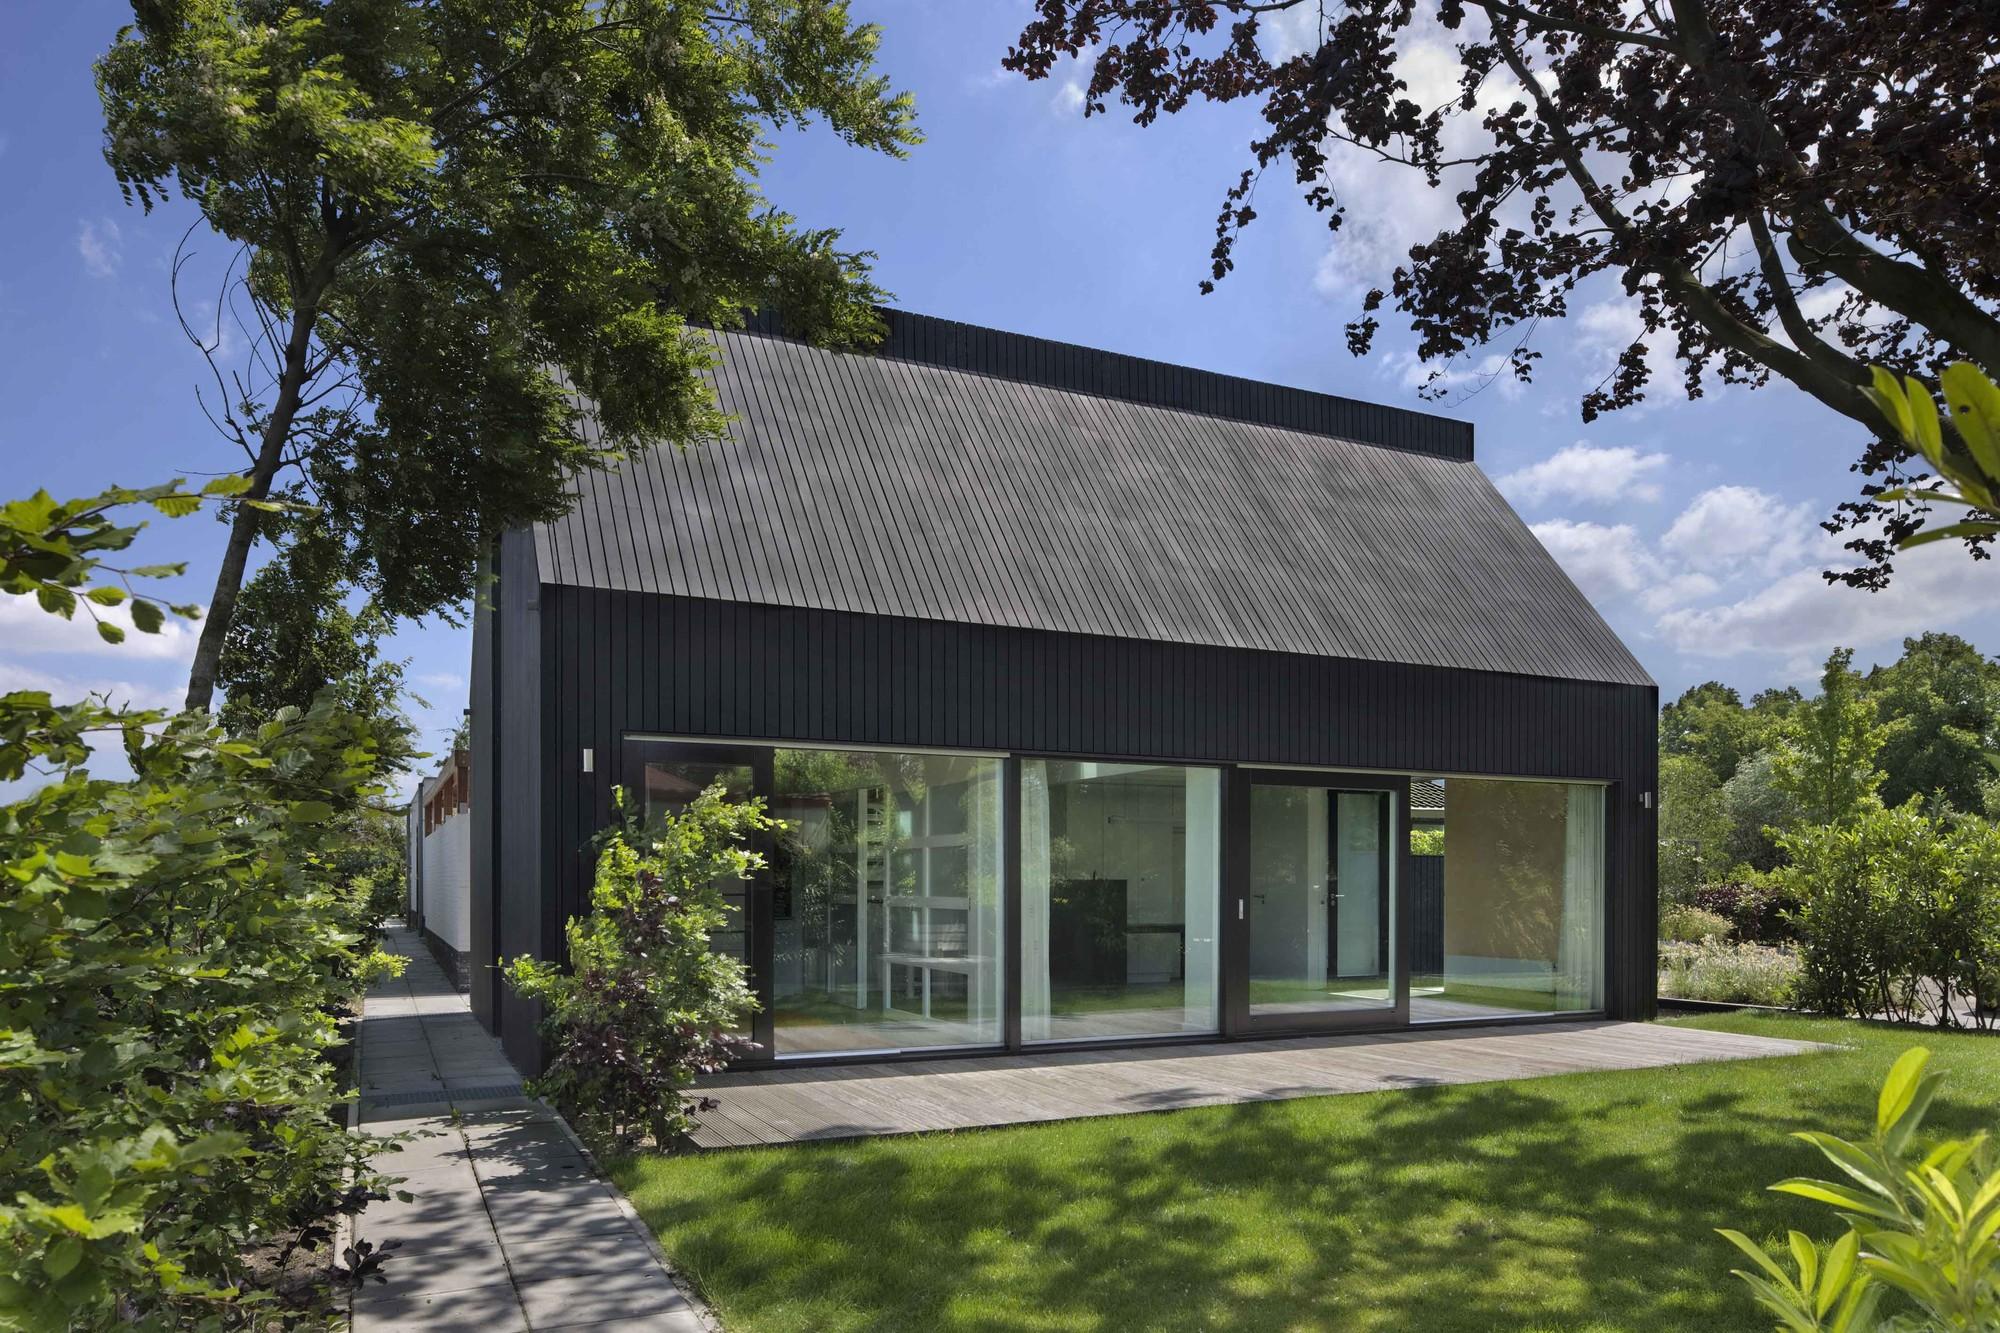 The Invitation / Van Rooijen Architecten, © Cornbread Works